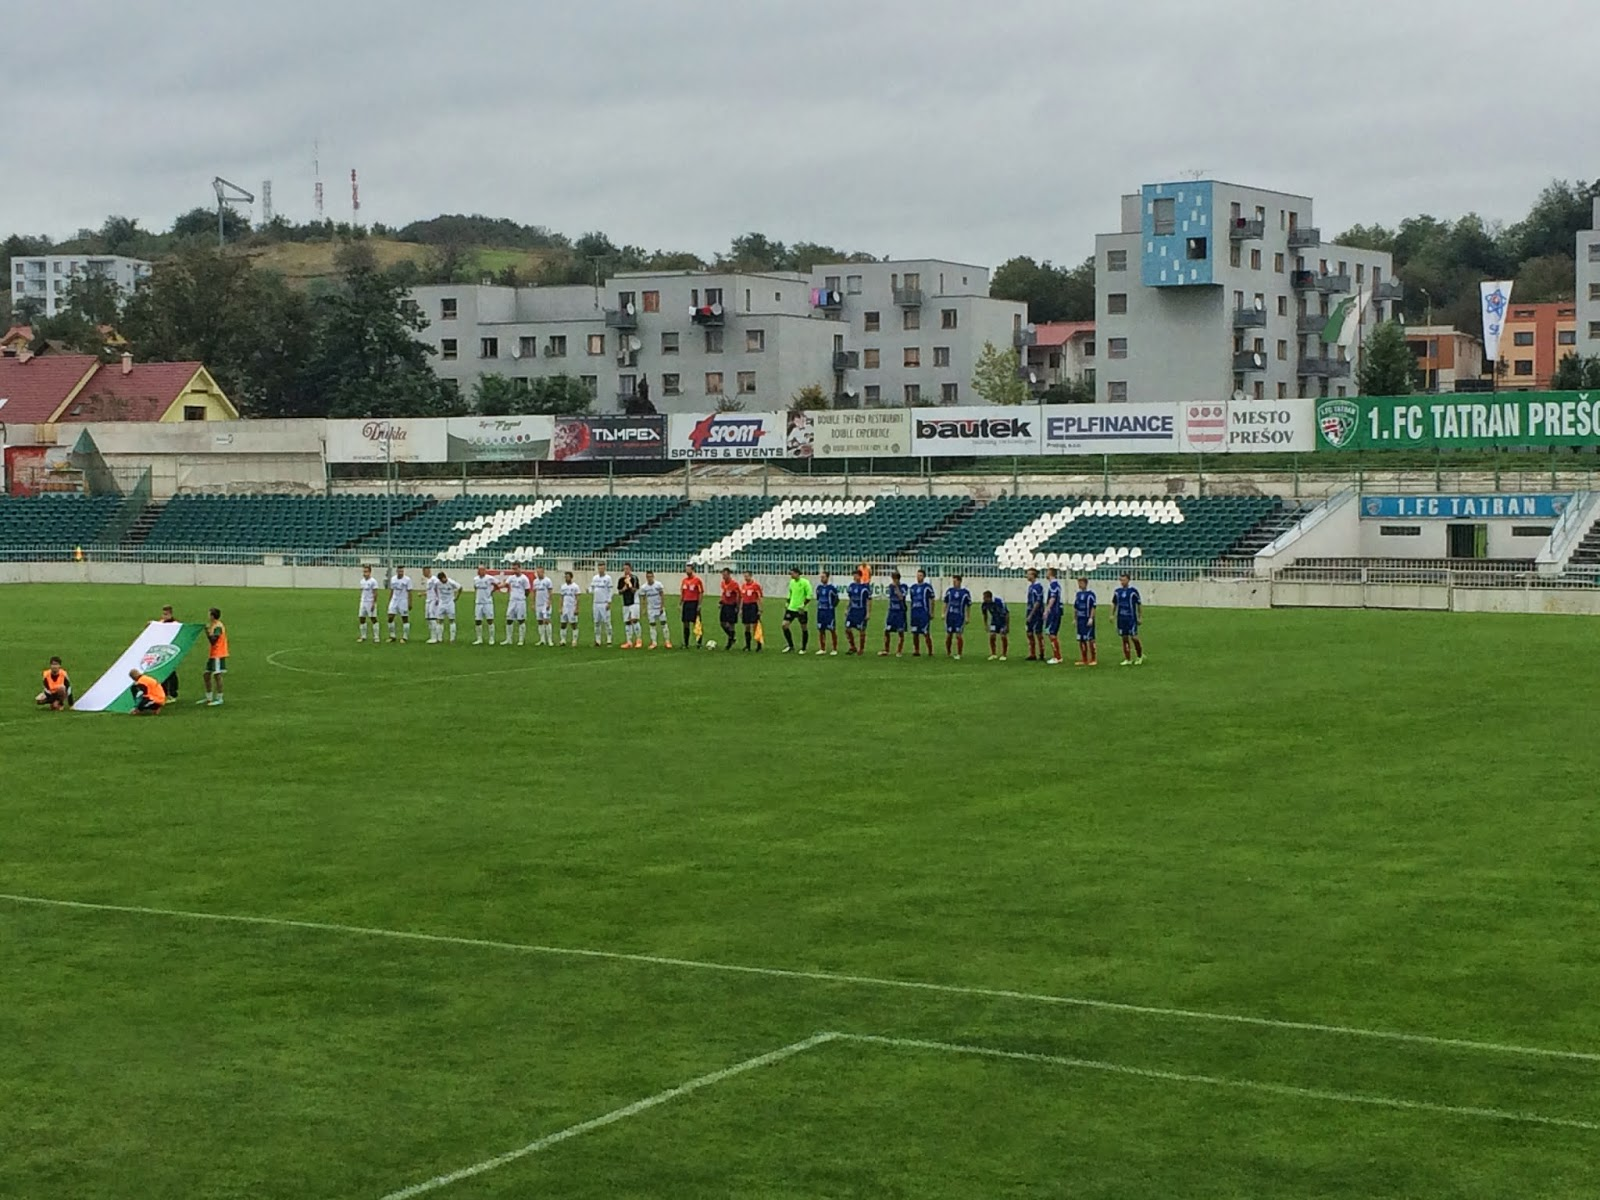 eb604397e51fc Dnešný zápas sa hral sa dobrého futbalového počasia no bolo už chladnejšie  a pod mrakom. Už príchod na štadión napovedal, že dnešná návšteva nebude  veľká a ...